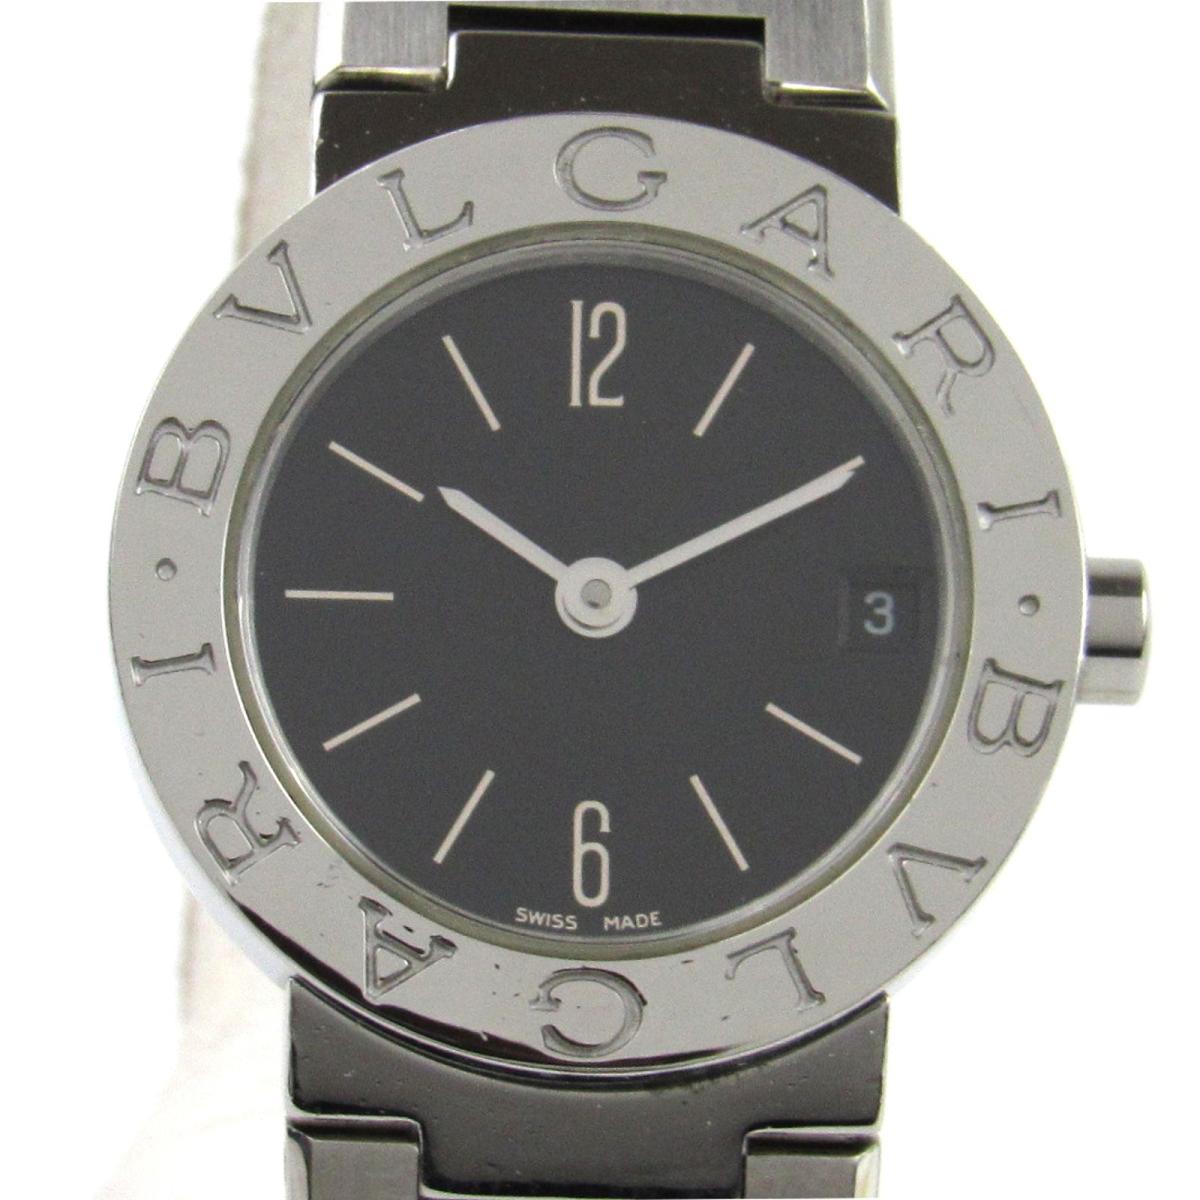 【中古】 ブルガリ ウォッチ 腕時計 レディース ステンレススチール (SS) (BB23SS) | BVLGARI クオーツ クォーツ 時計 ブルガリ ブルガリ 美品 ブランドオフ